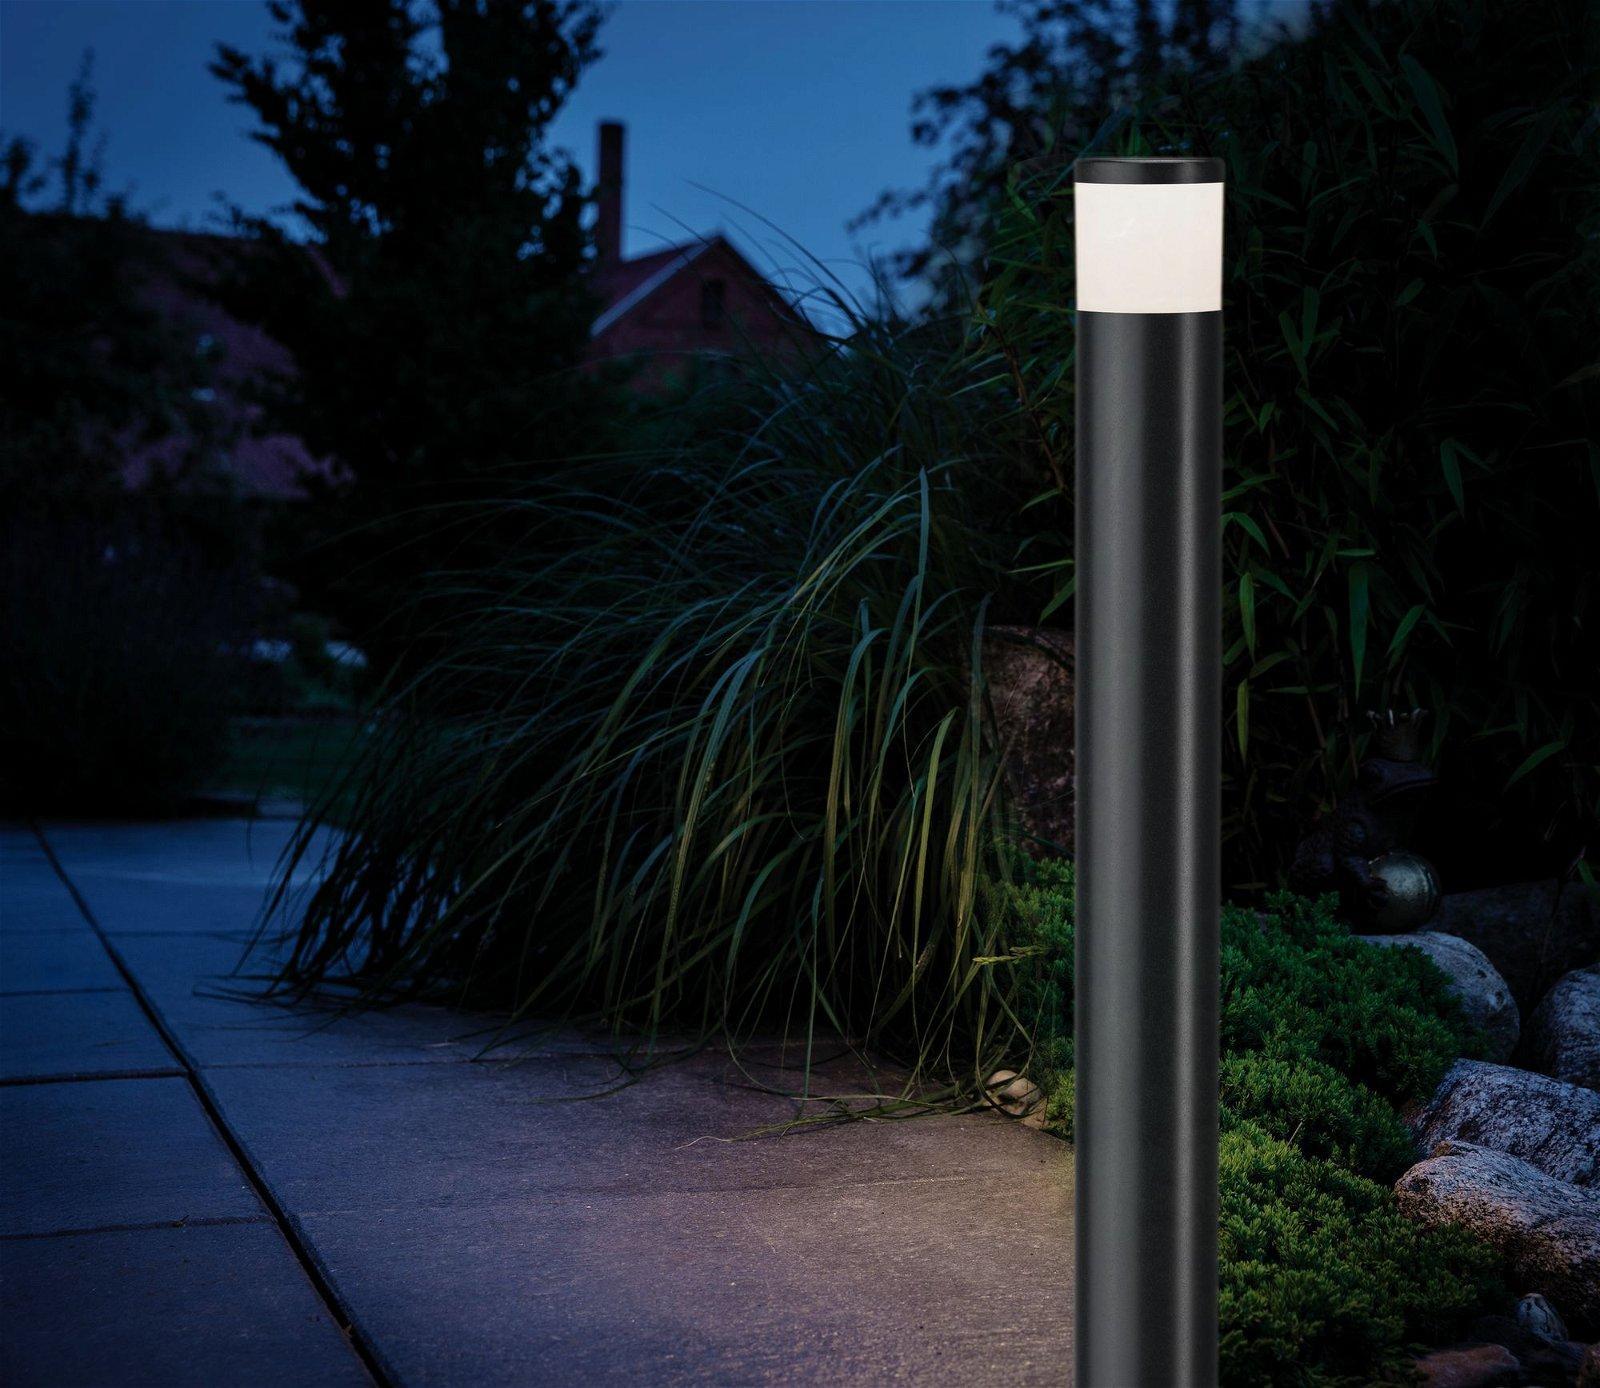 Borne lumineuse House IP44 230 V Gris sans ampoule, GU10